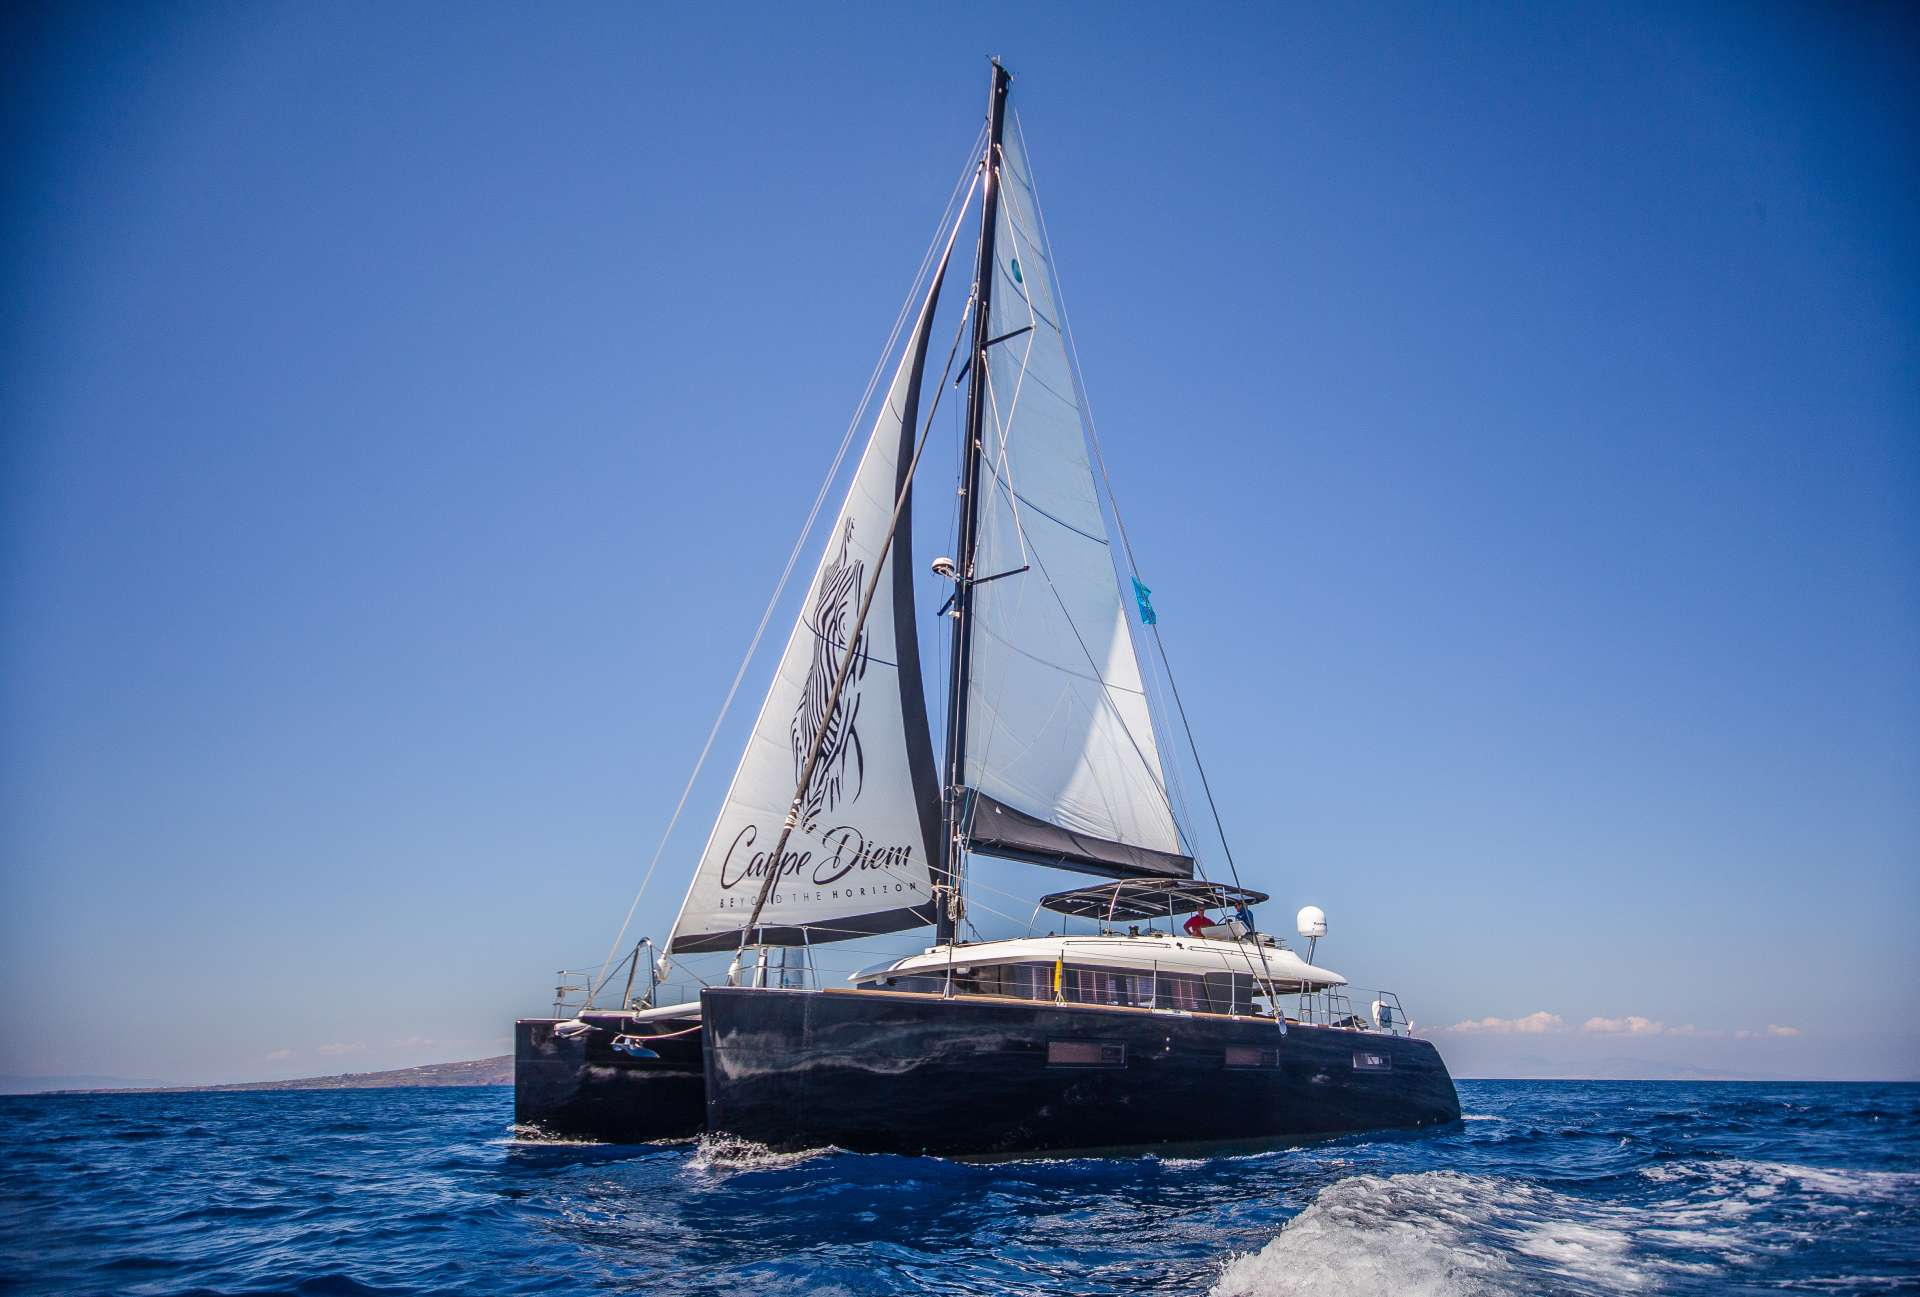 Catamaran Carpe Diem